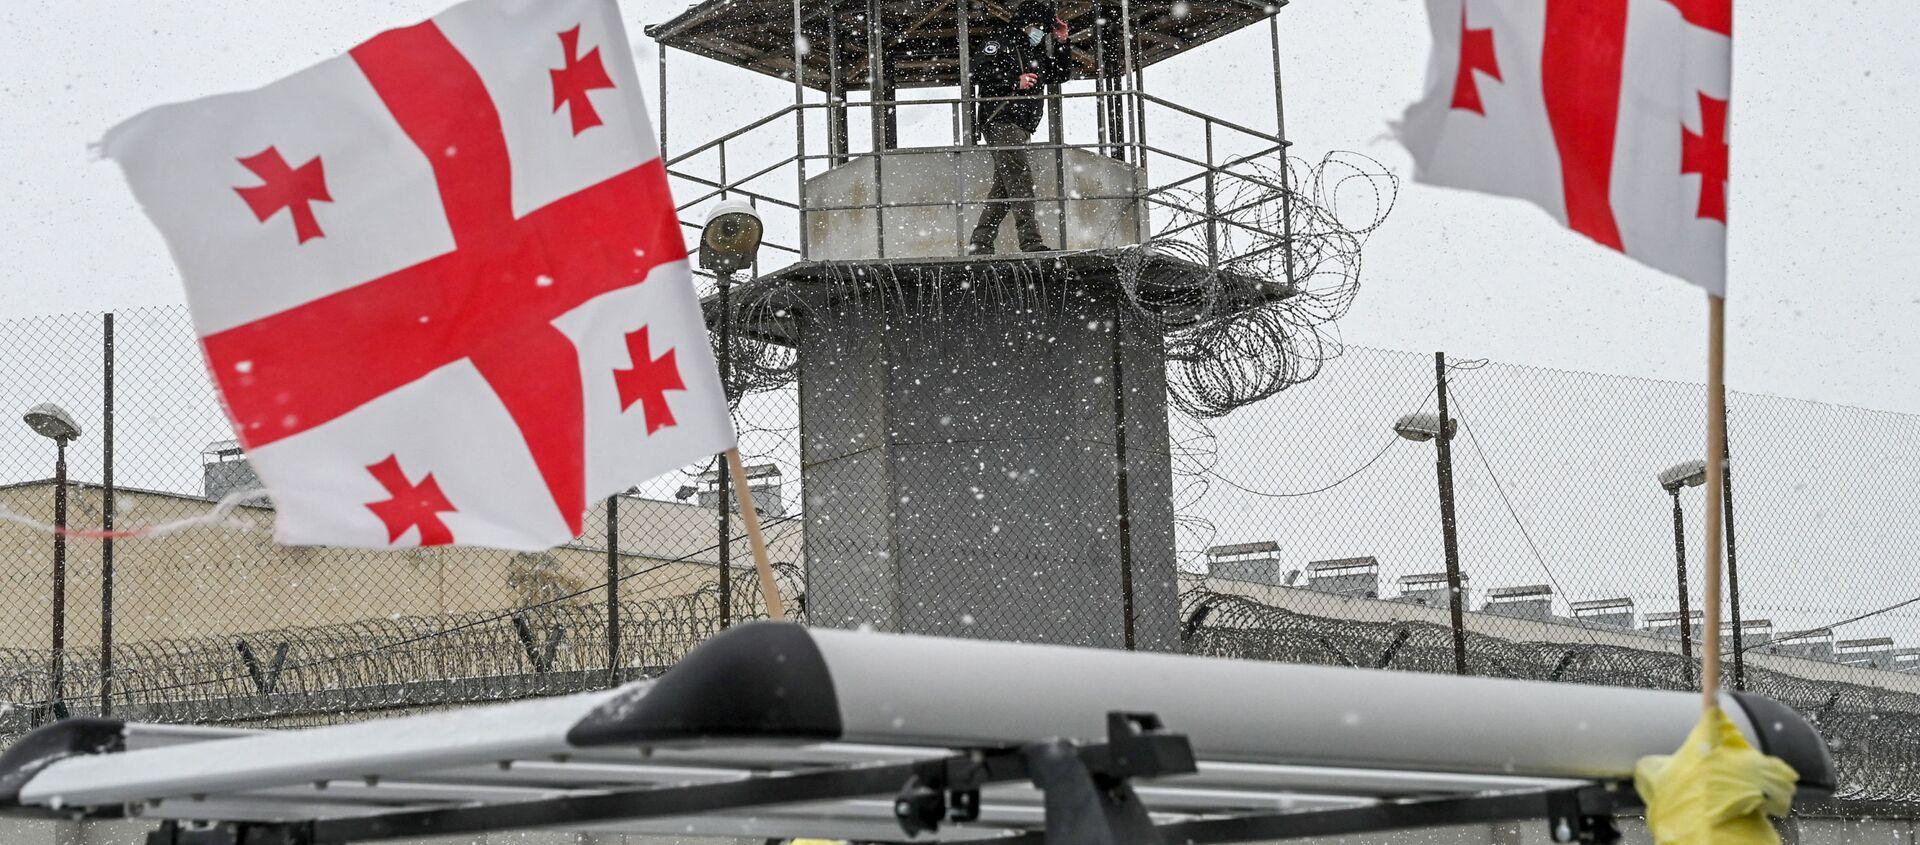 Руставская тюрьма и оппозиция с флагами - Sputnik Грузия, 1920, 25.02.2021